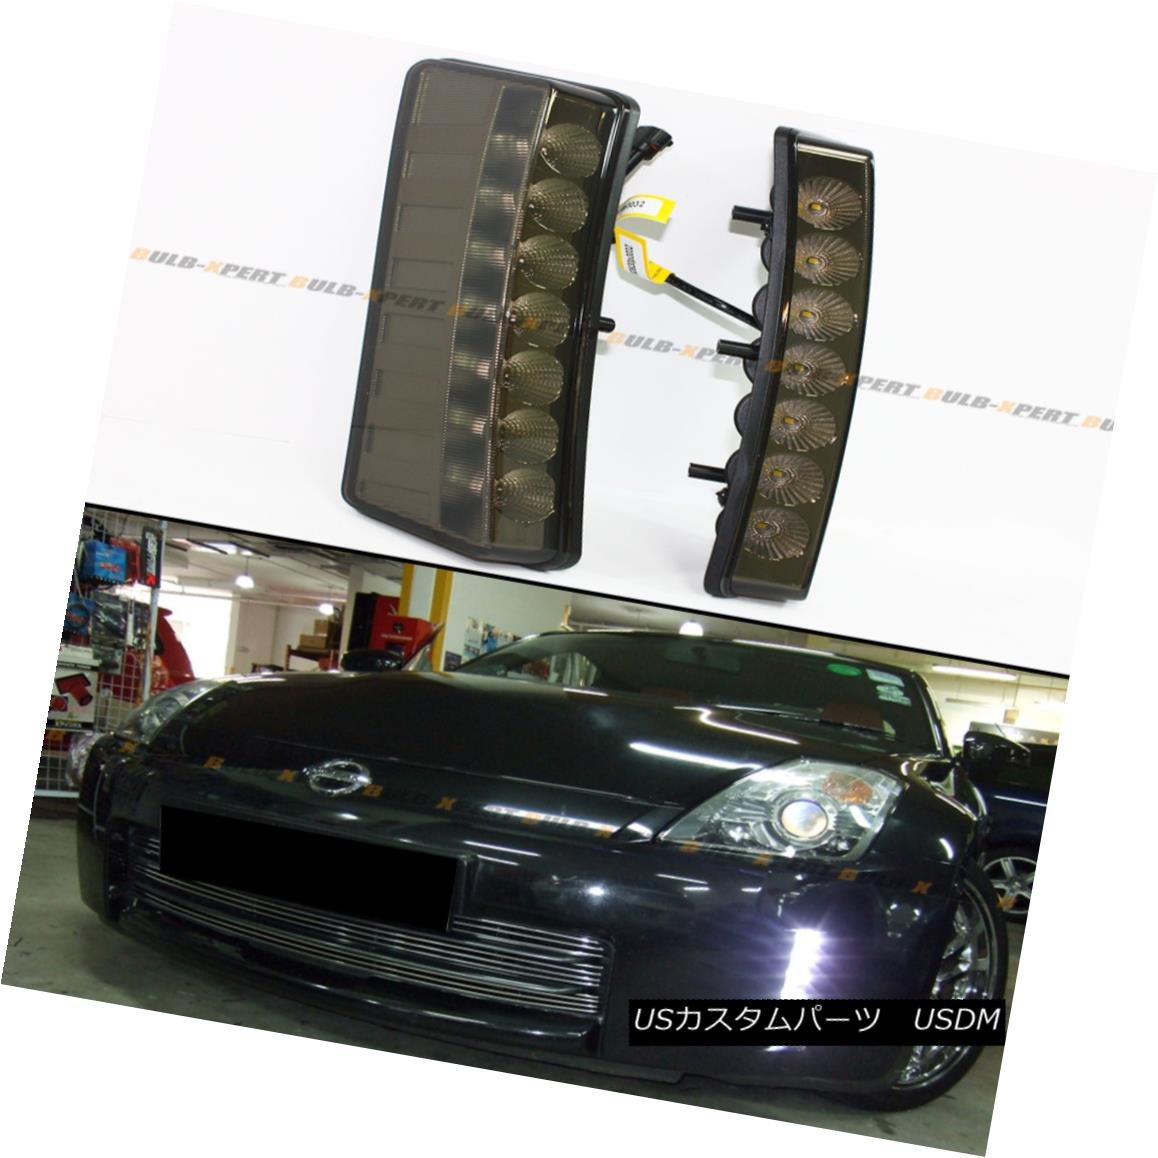 エアロパーツ DIRECT FIT 03-05 NISSAN 350Z BUMPER REFLECTOR SMOKE 7 LED DAY TIME RUNNING LIGHT ダイレクトフィット03-05日産350Zバンパーリフレクターソーキング7 LED DAY TIME RUNNING LIGHT